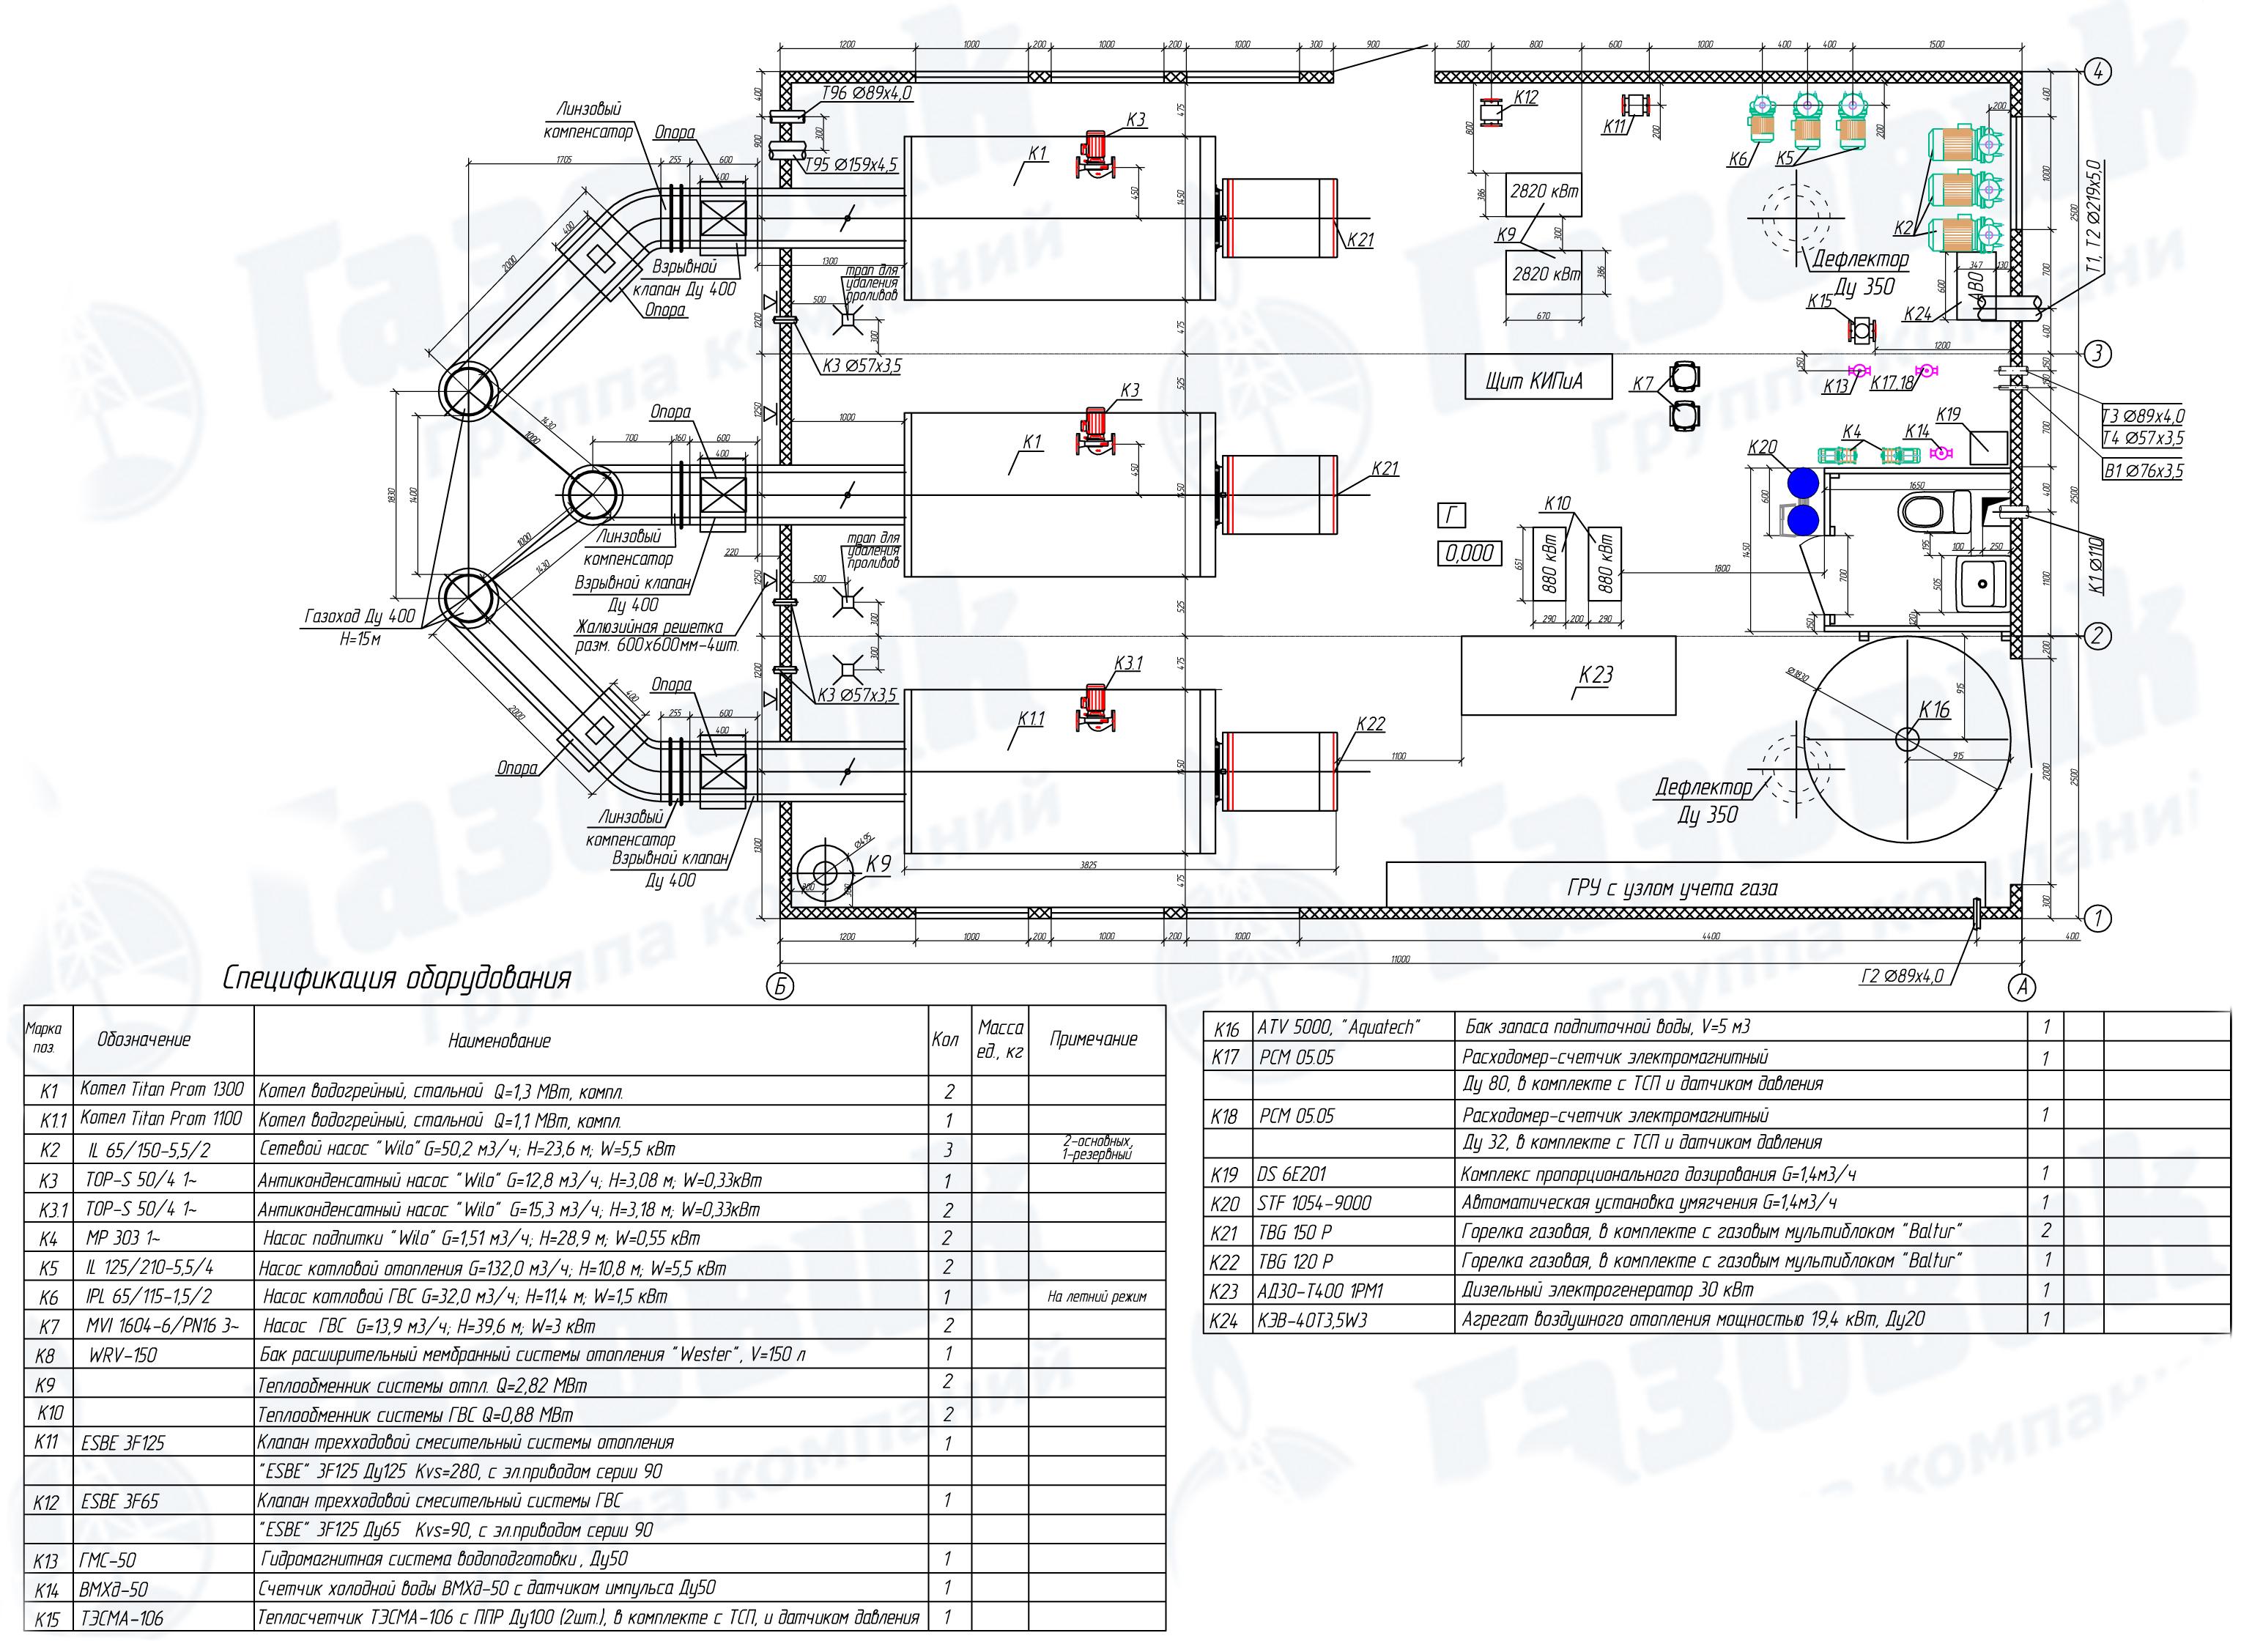 проектирование освещения модульных котельных нормы